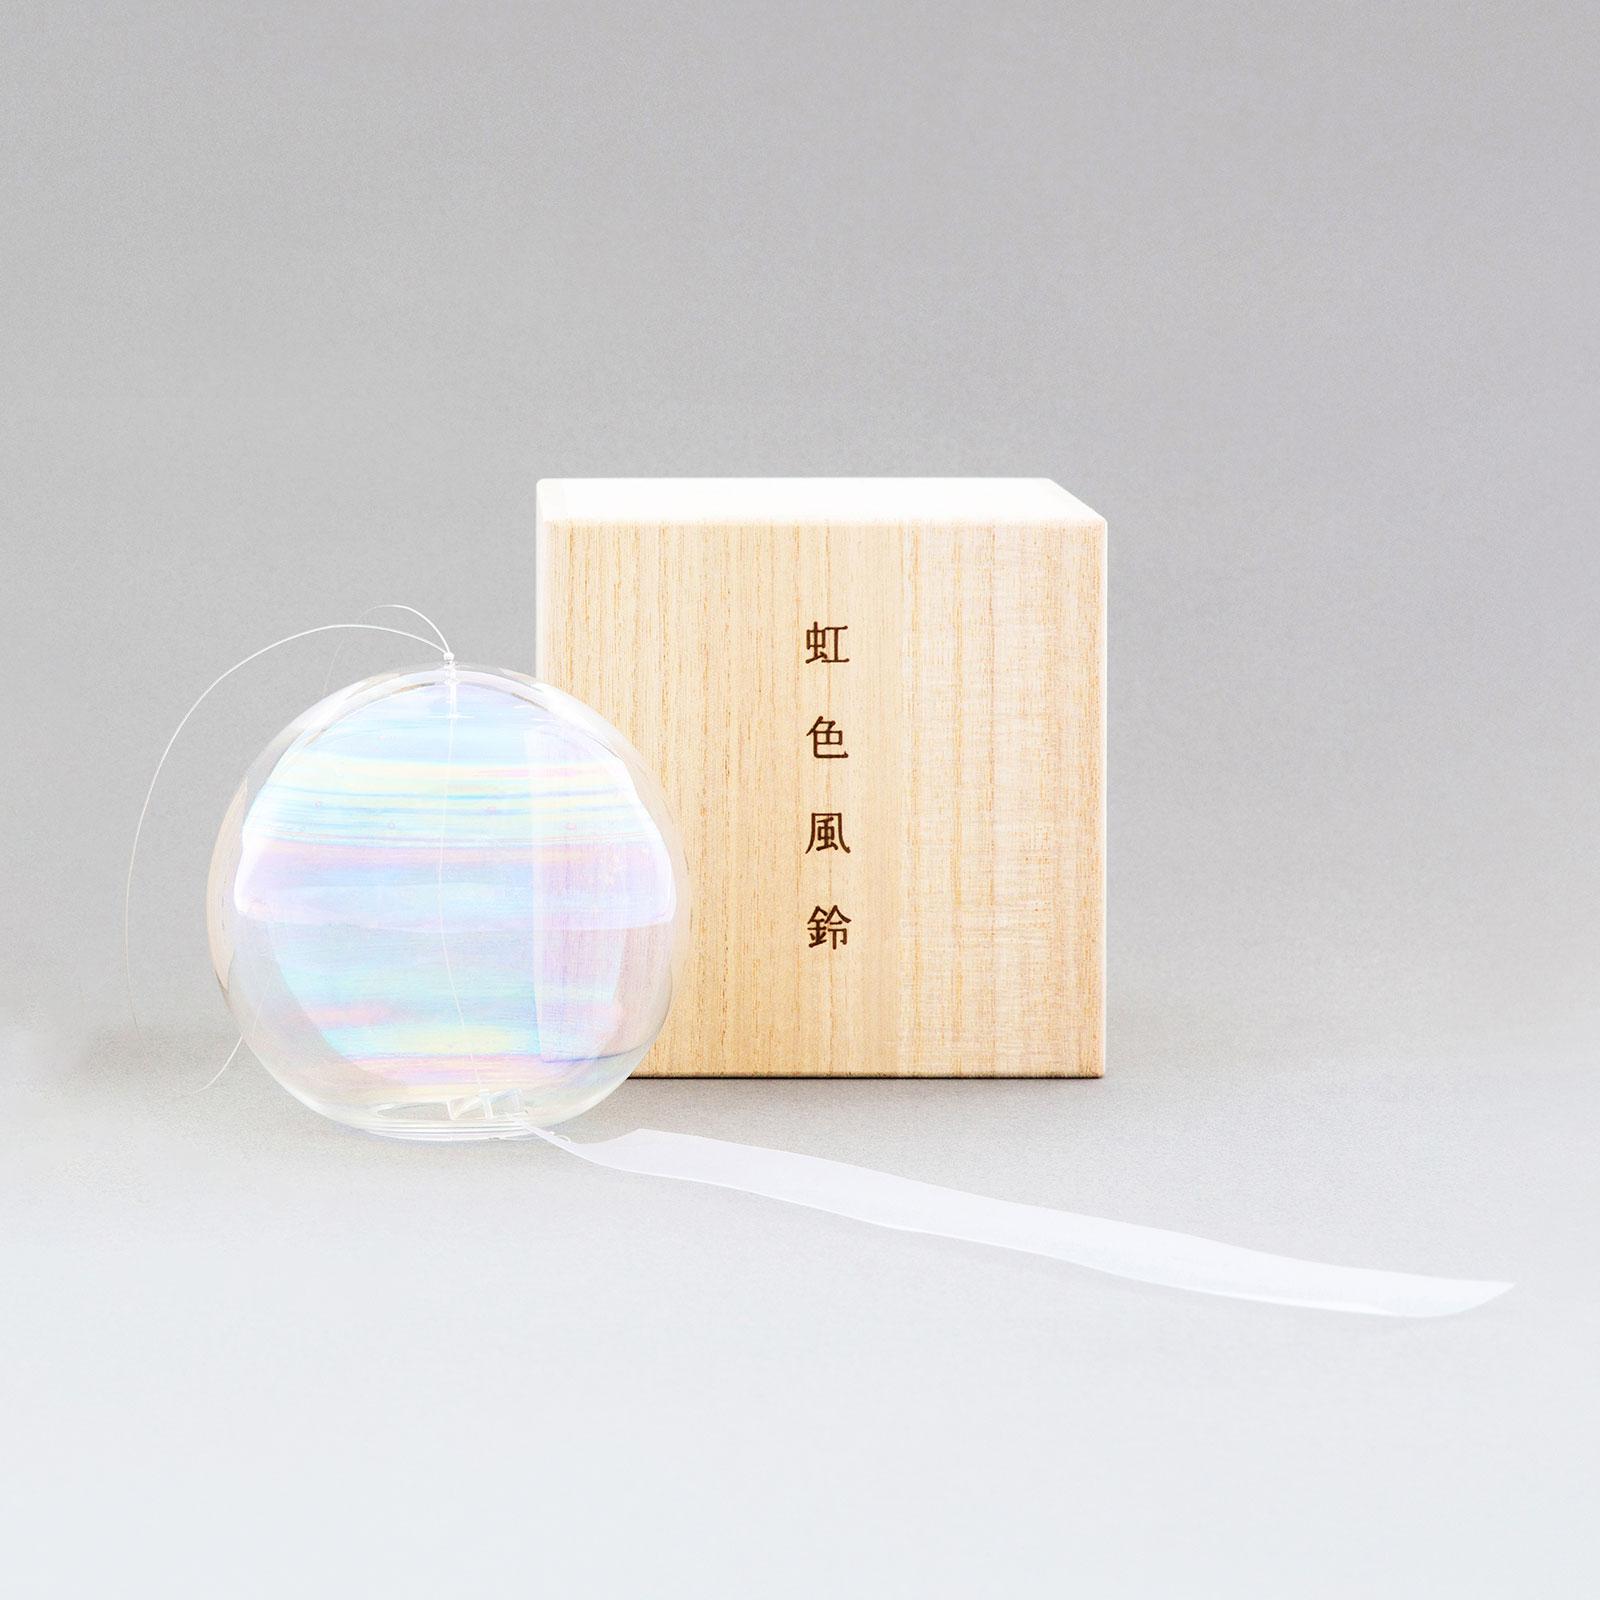 虹色風鈴:(M)+ウッドフレーム セット 2021